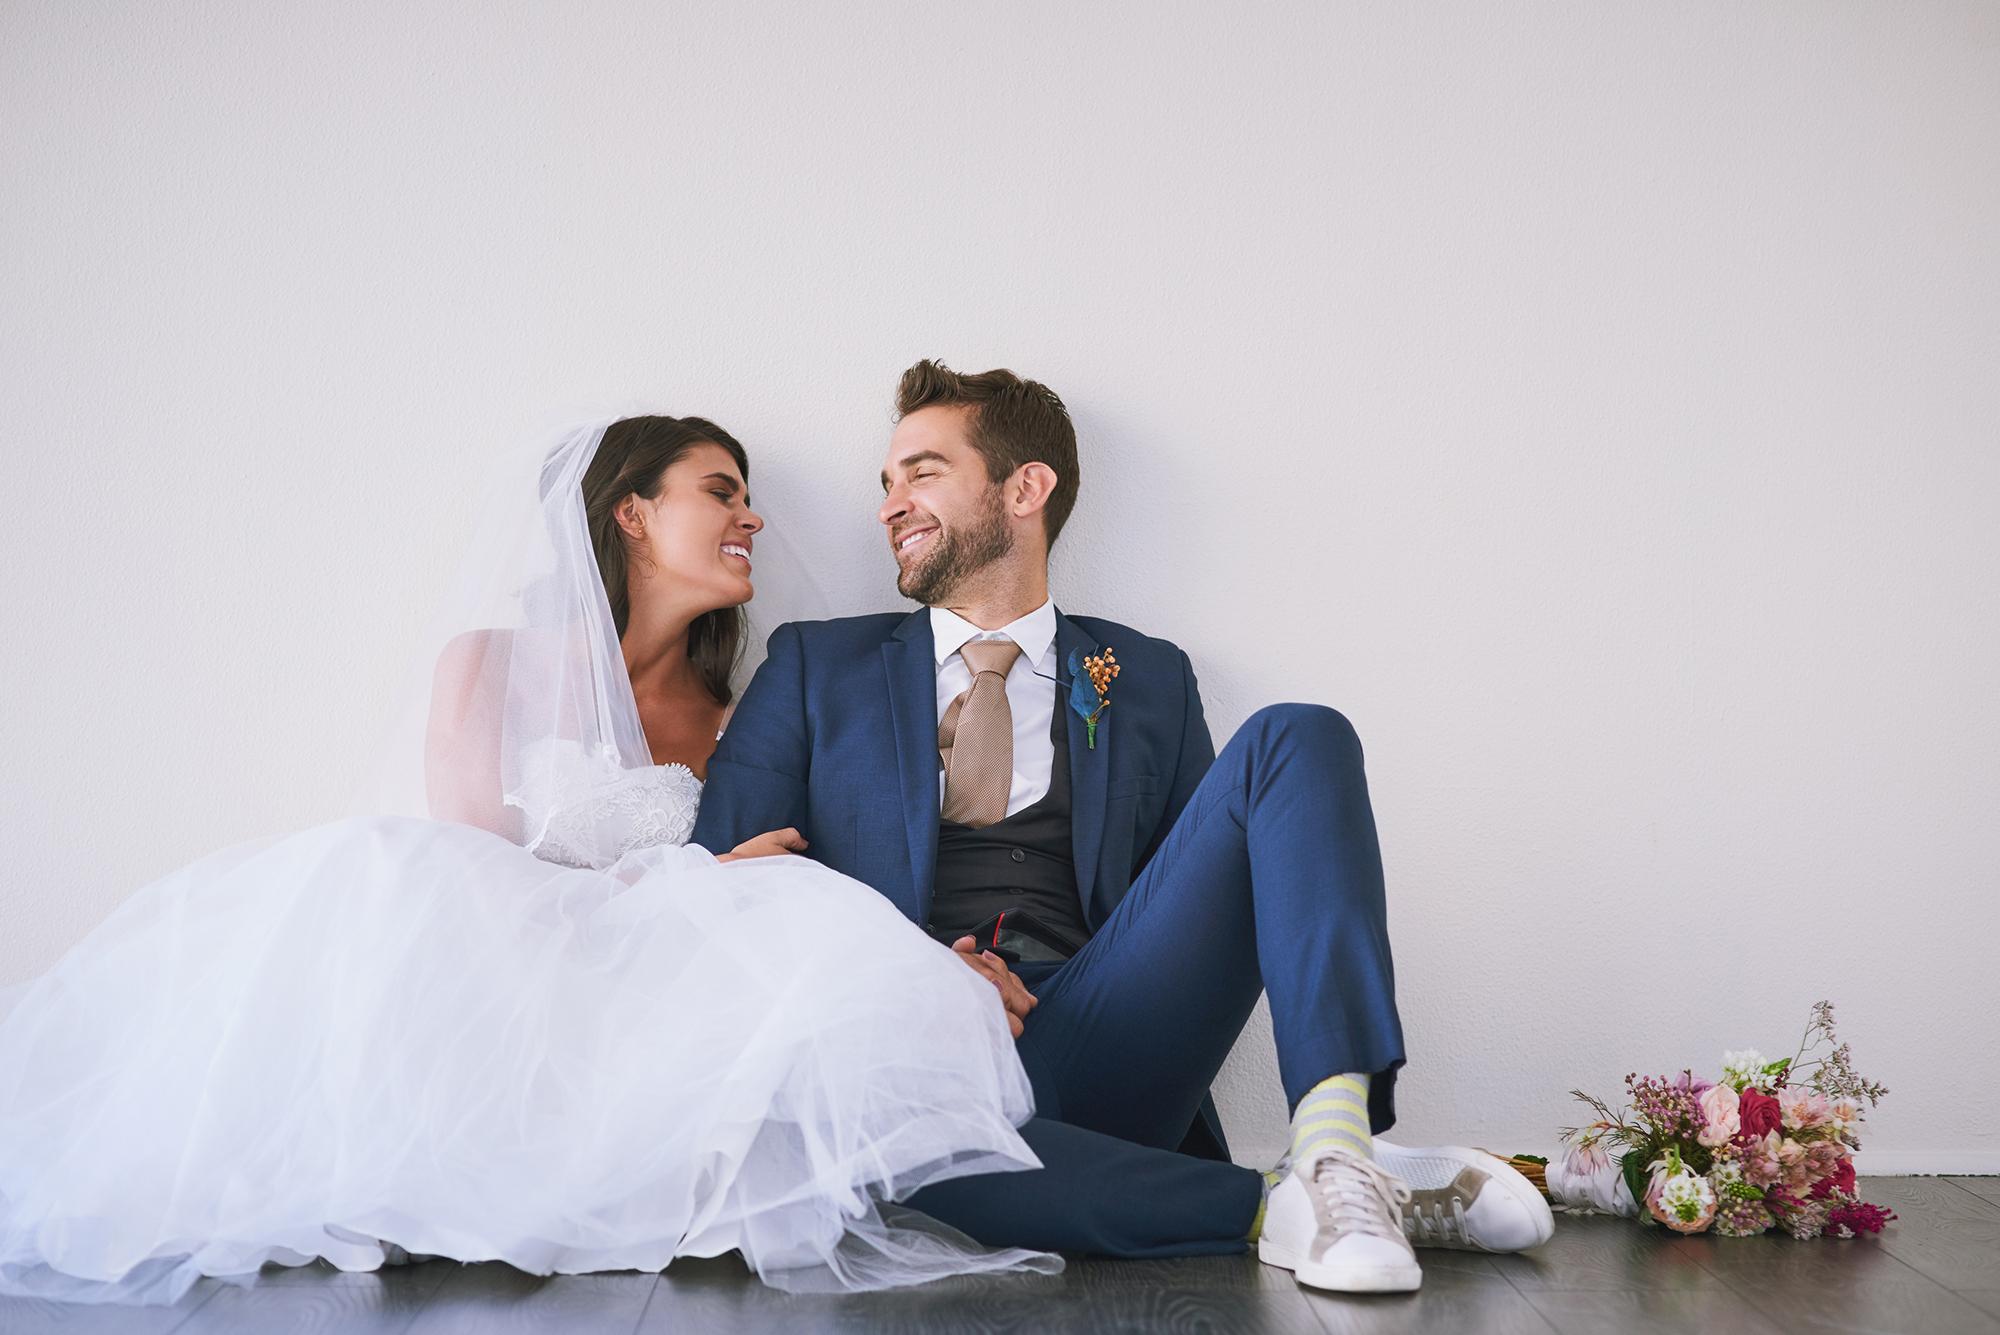 Er sucht sie verheiratet